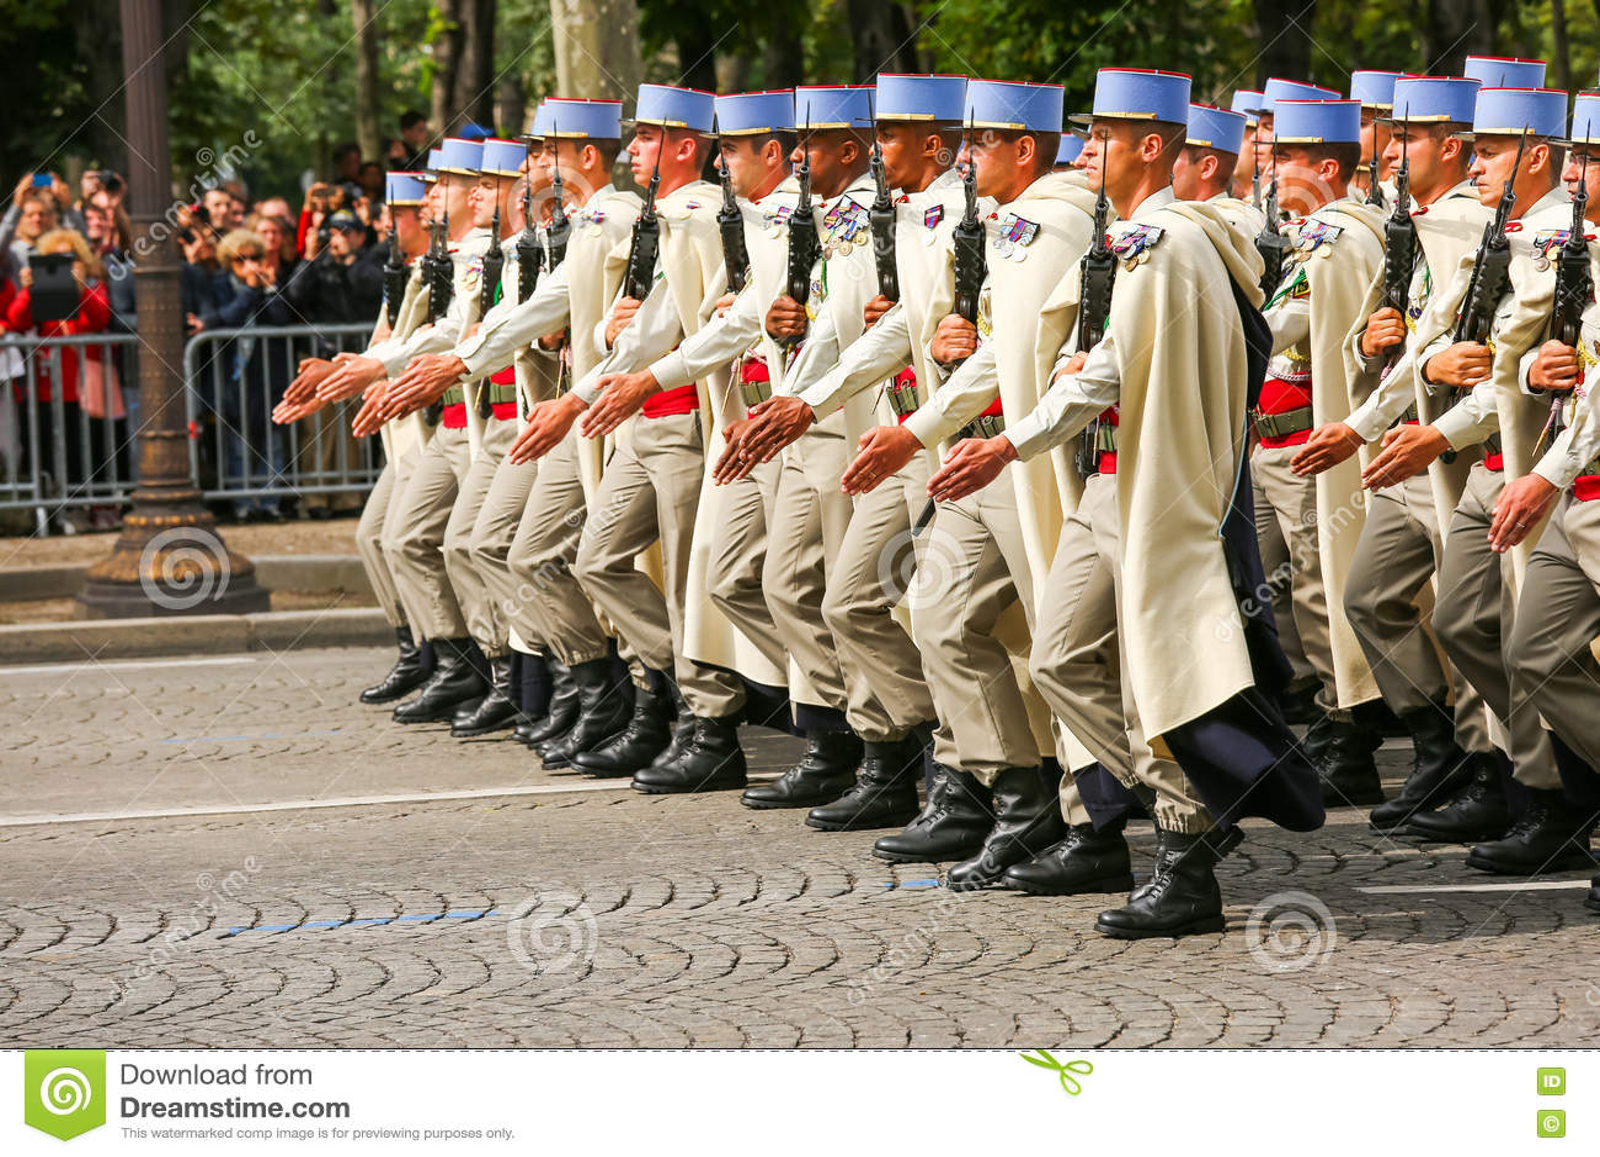 Parada militar (desfile) durante o ceremonial do dia nacional francês, avenida de Elysee dos campeões